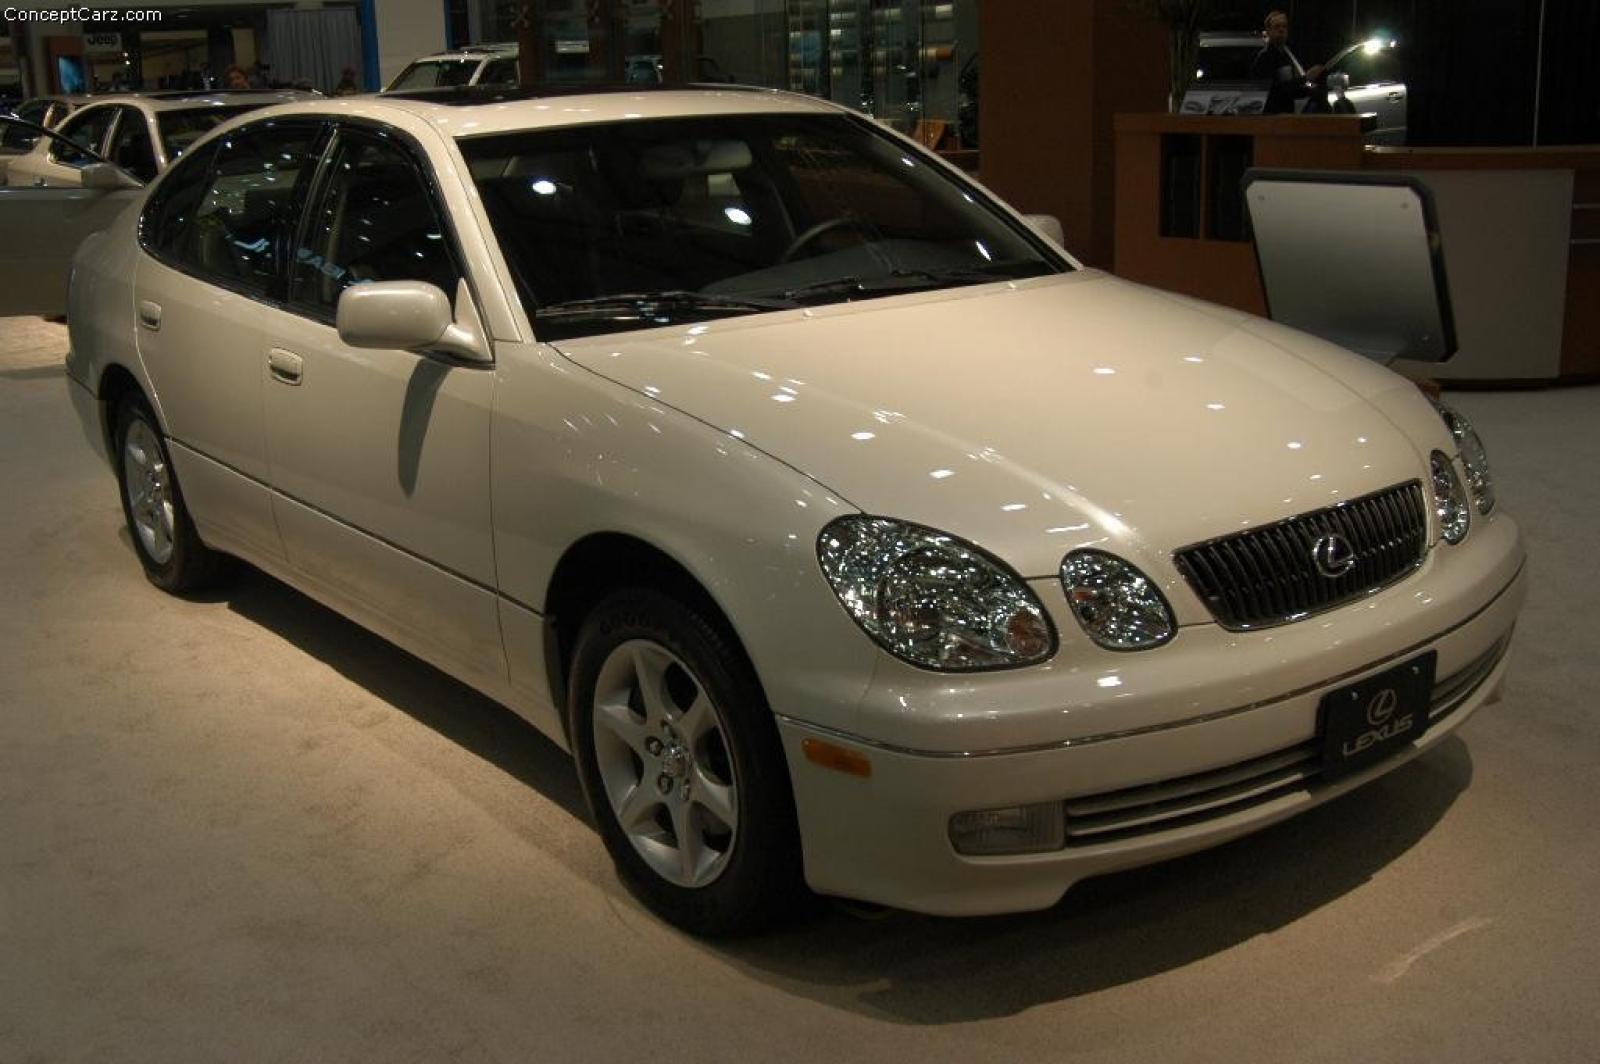 800 1024 1280 1600 origin 2004 lexus gs